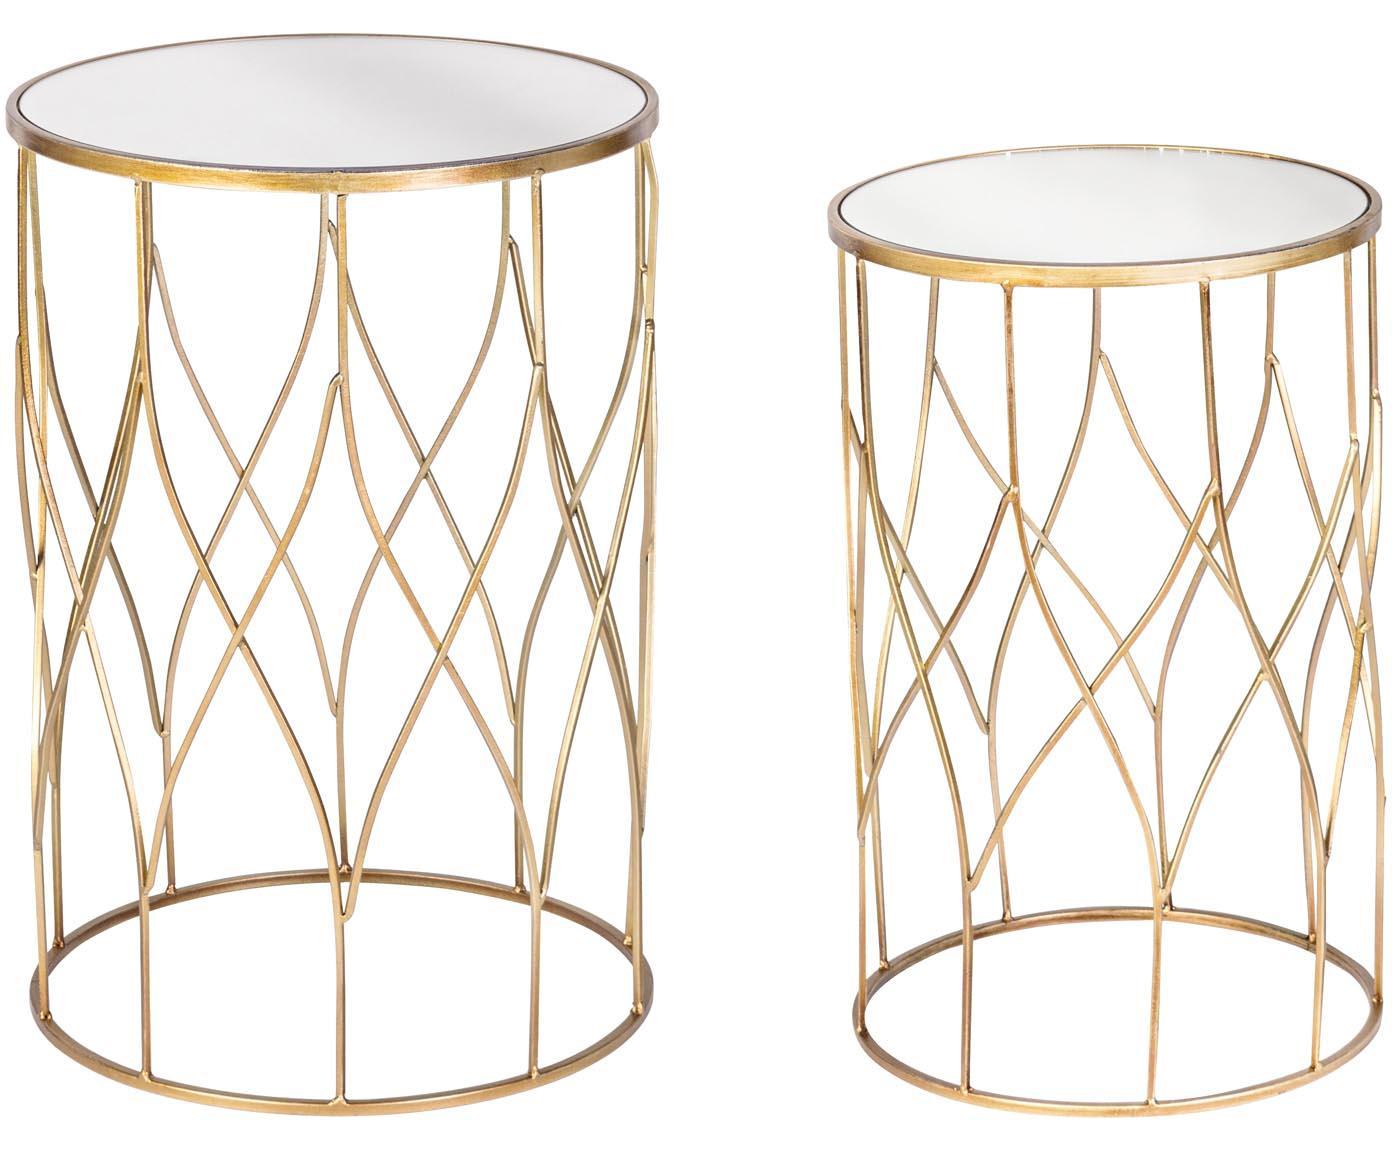 Set de mesas auxiliares de madera Elenor Large, 2uds., Estructura: metal, pintura en polvo y, Tablero: espejo de cristal, Estructura: dorado Tablero: espejo de cristal, Tamaños diferentes